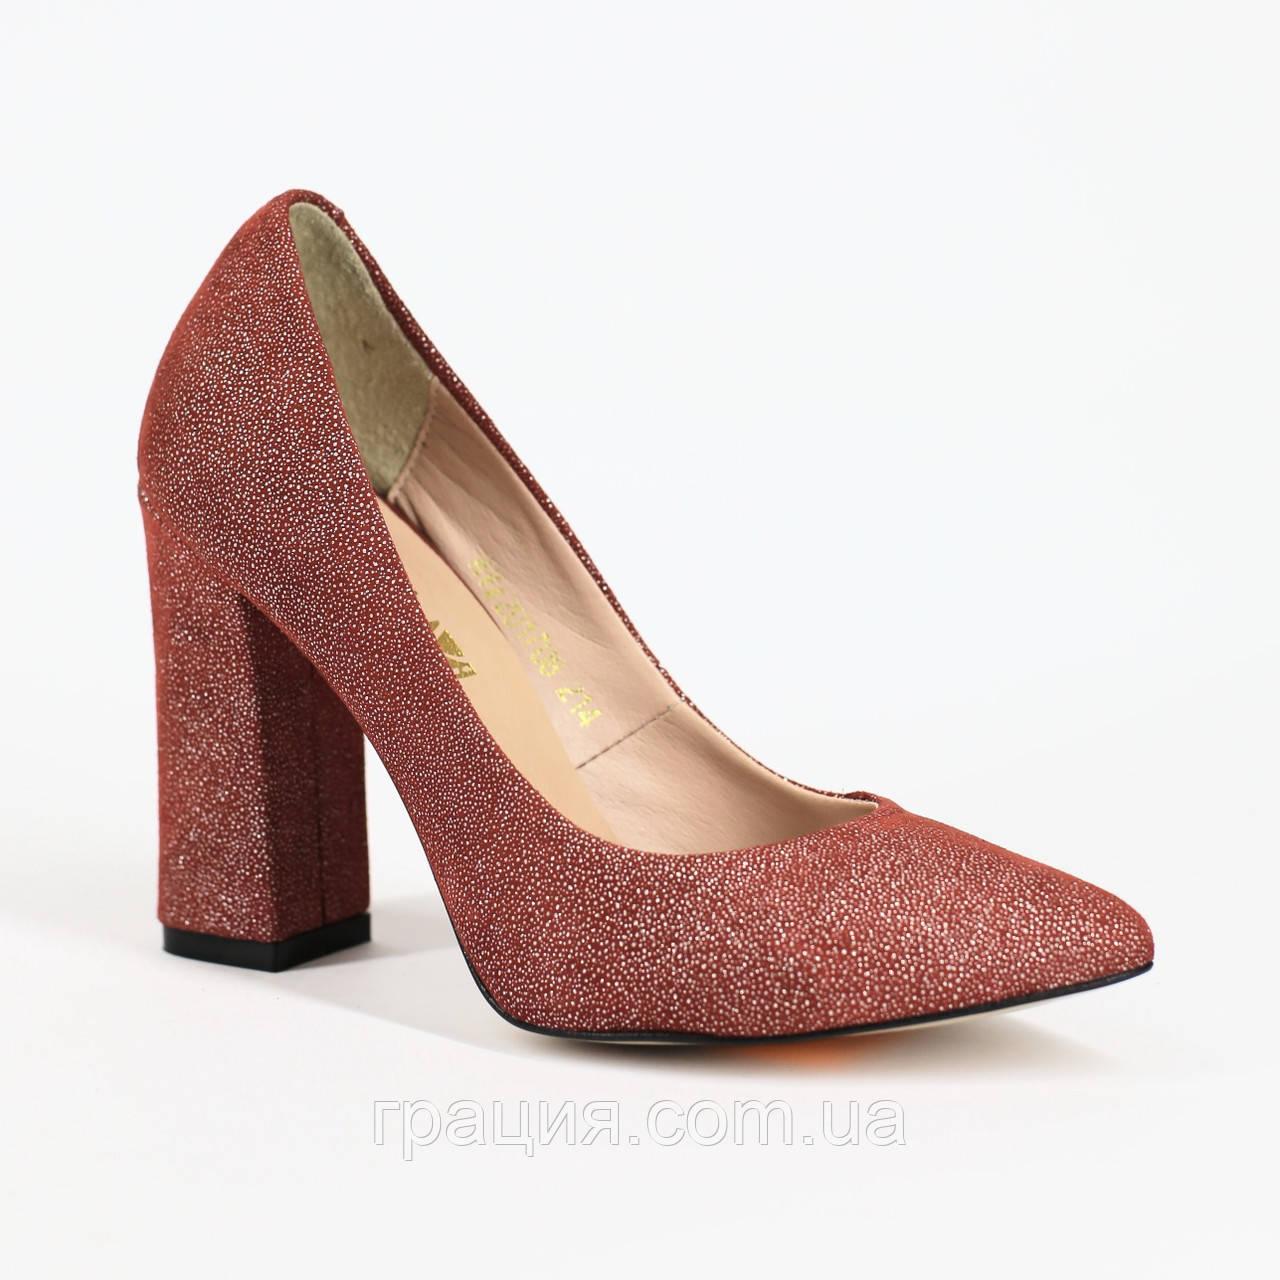 Елегантні жіночі червоні туфлі замшеві натуральні на підборах